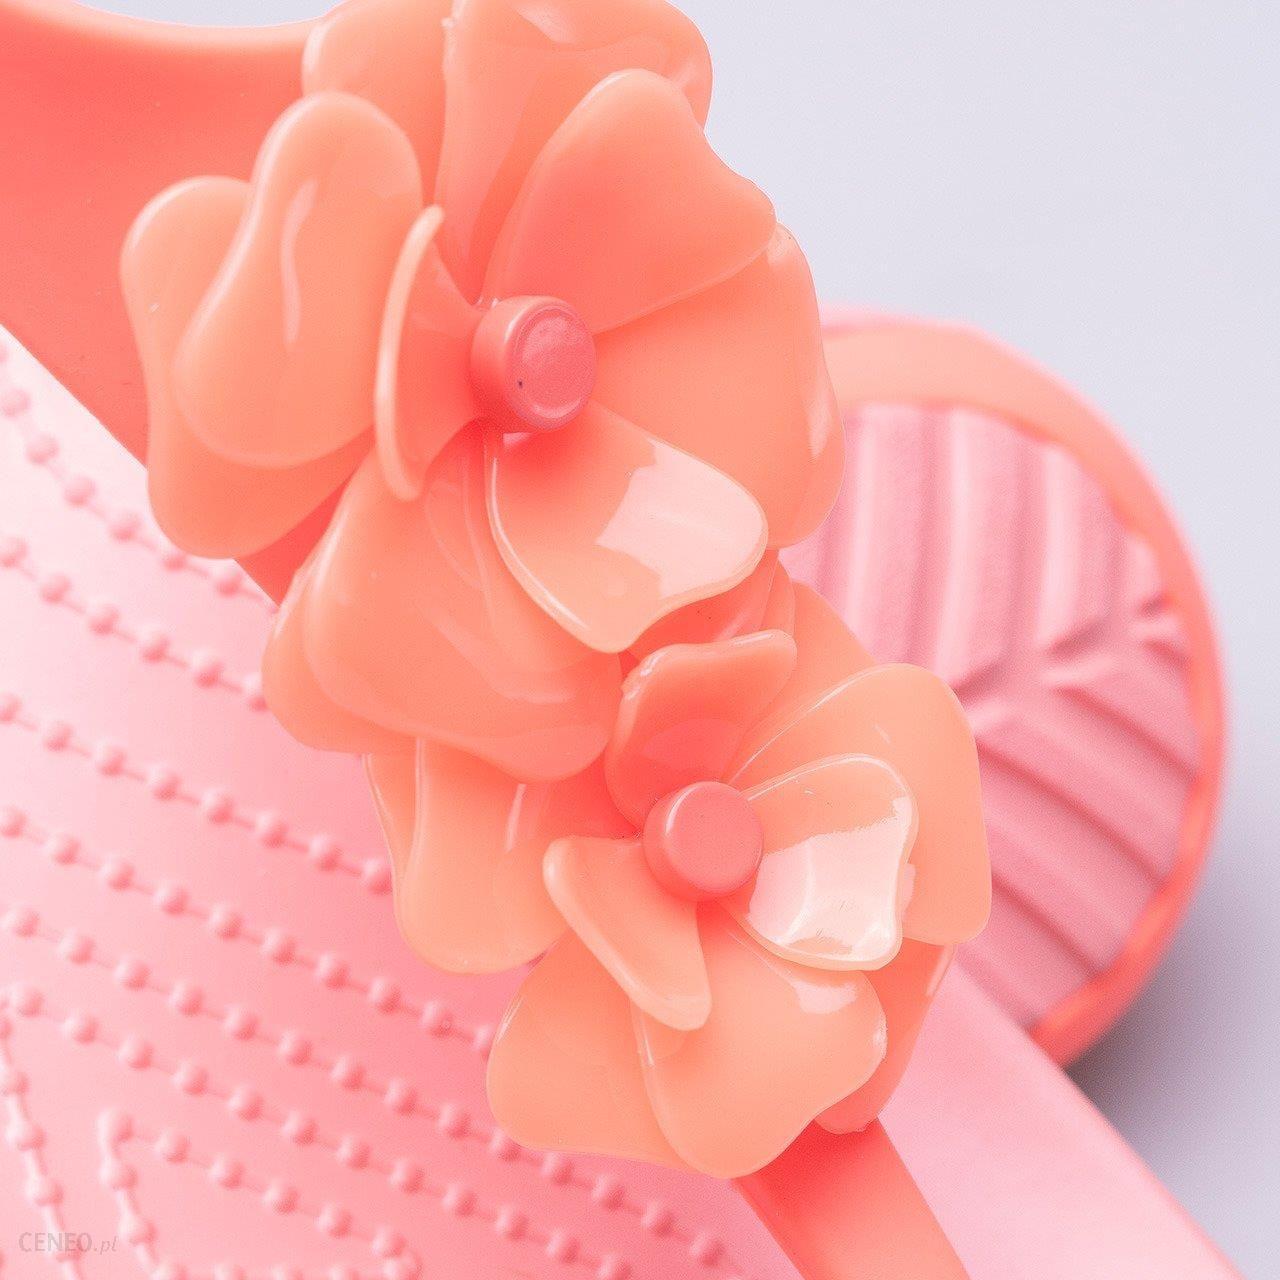 Sandały Crocs Serena Embellish Flip 205600 6PT różowy